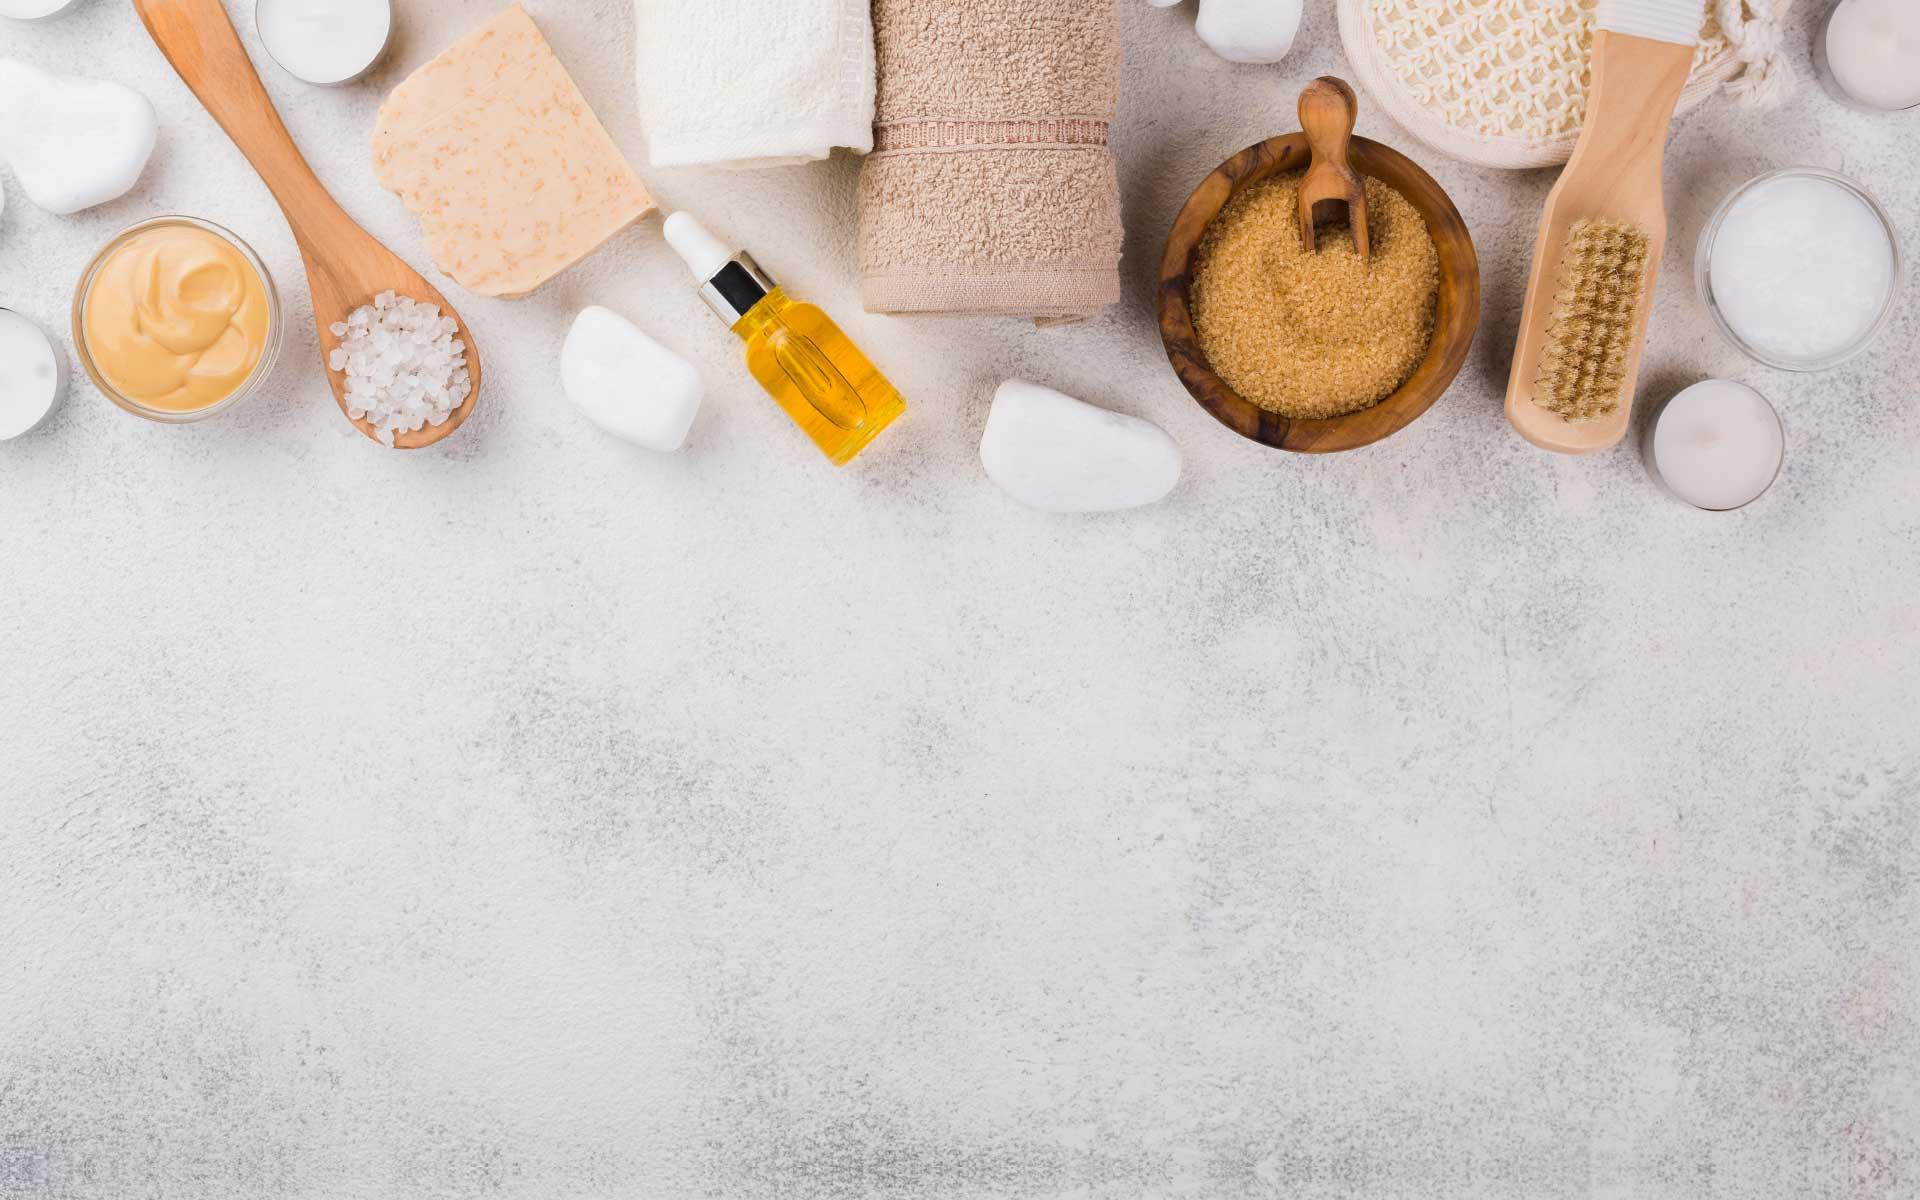 SOS: Skin Consultation